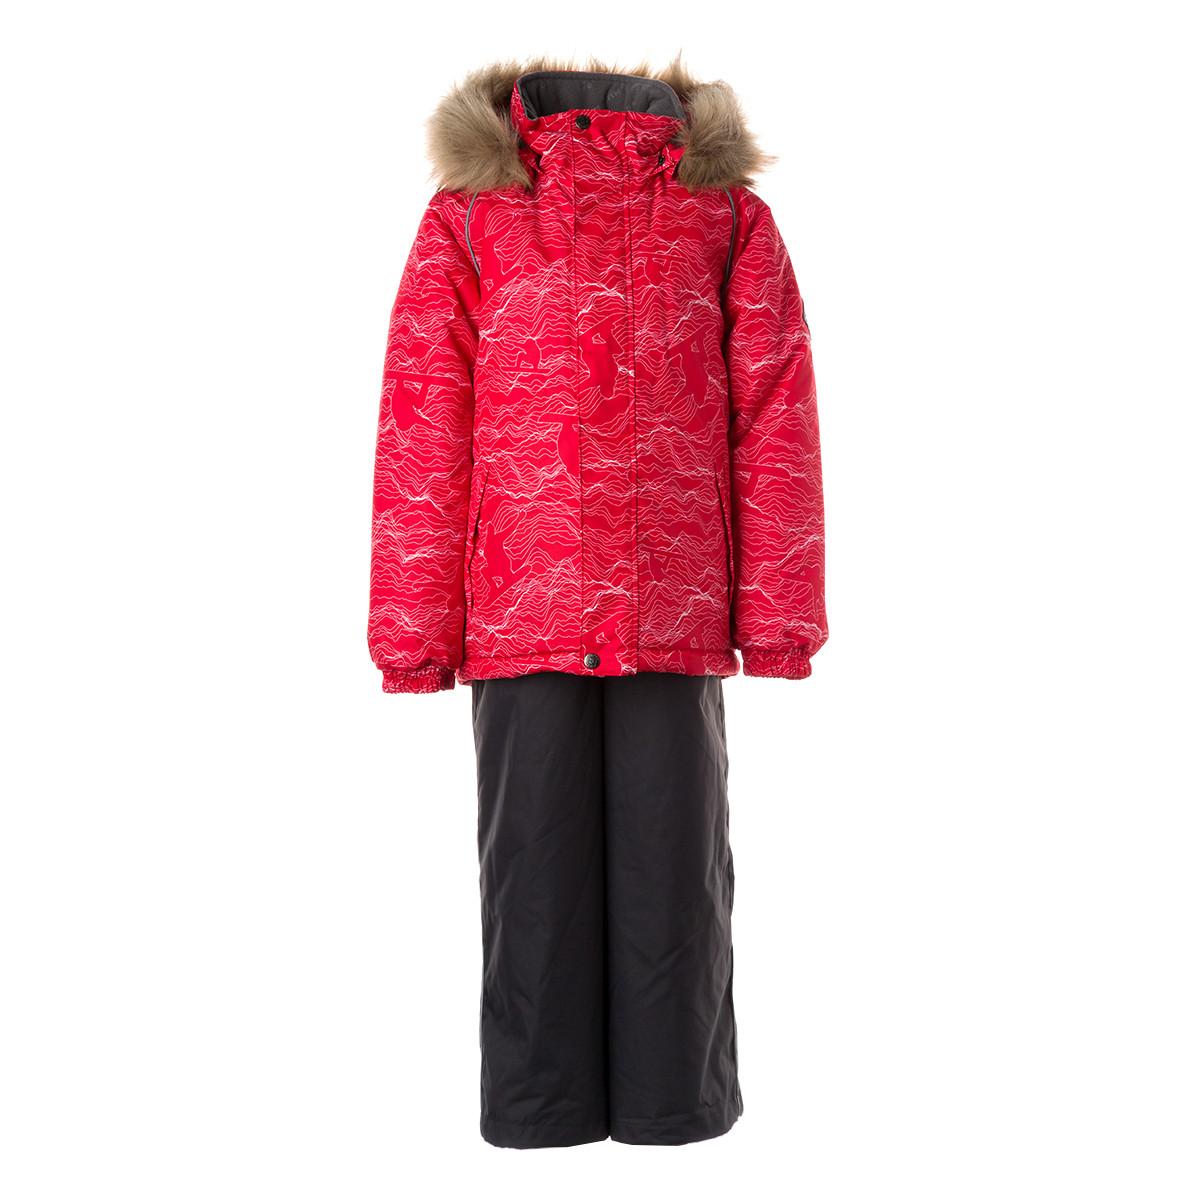 Детский комплект Huppa WINTER, красный с принтом